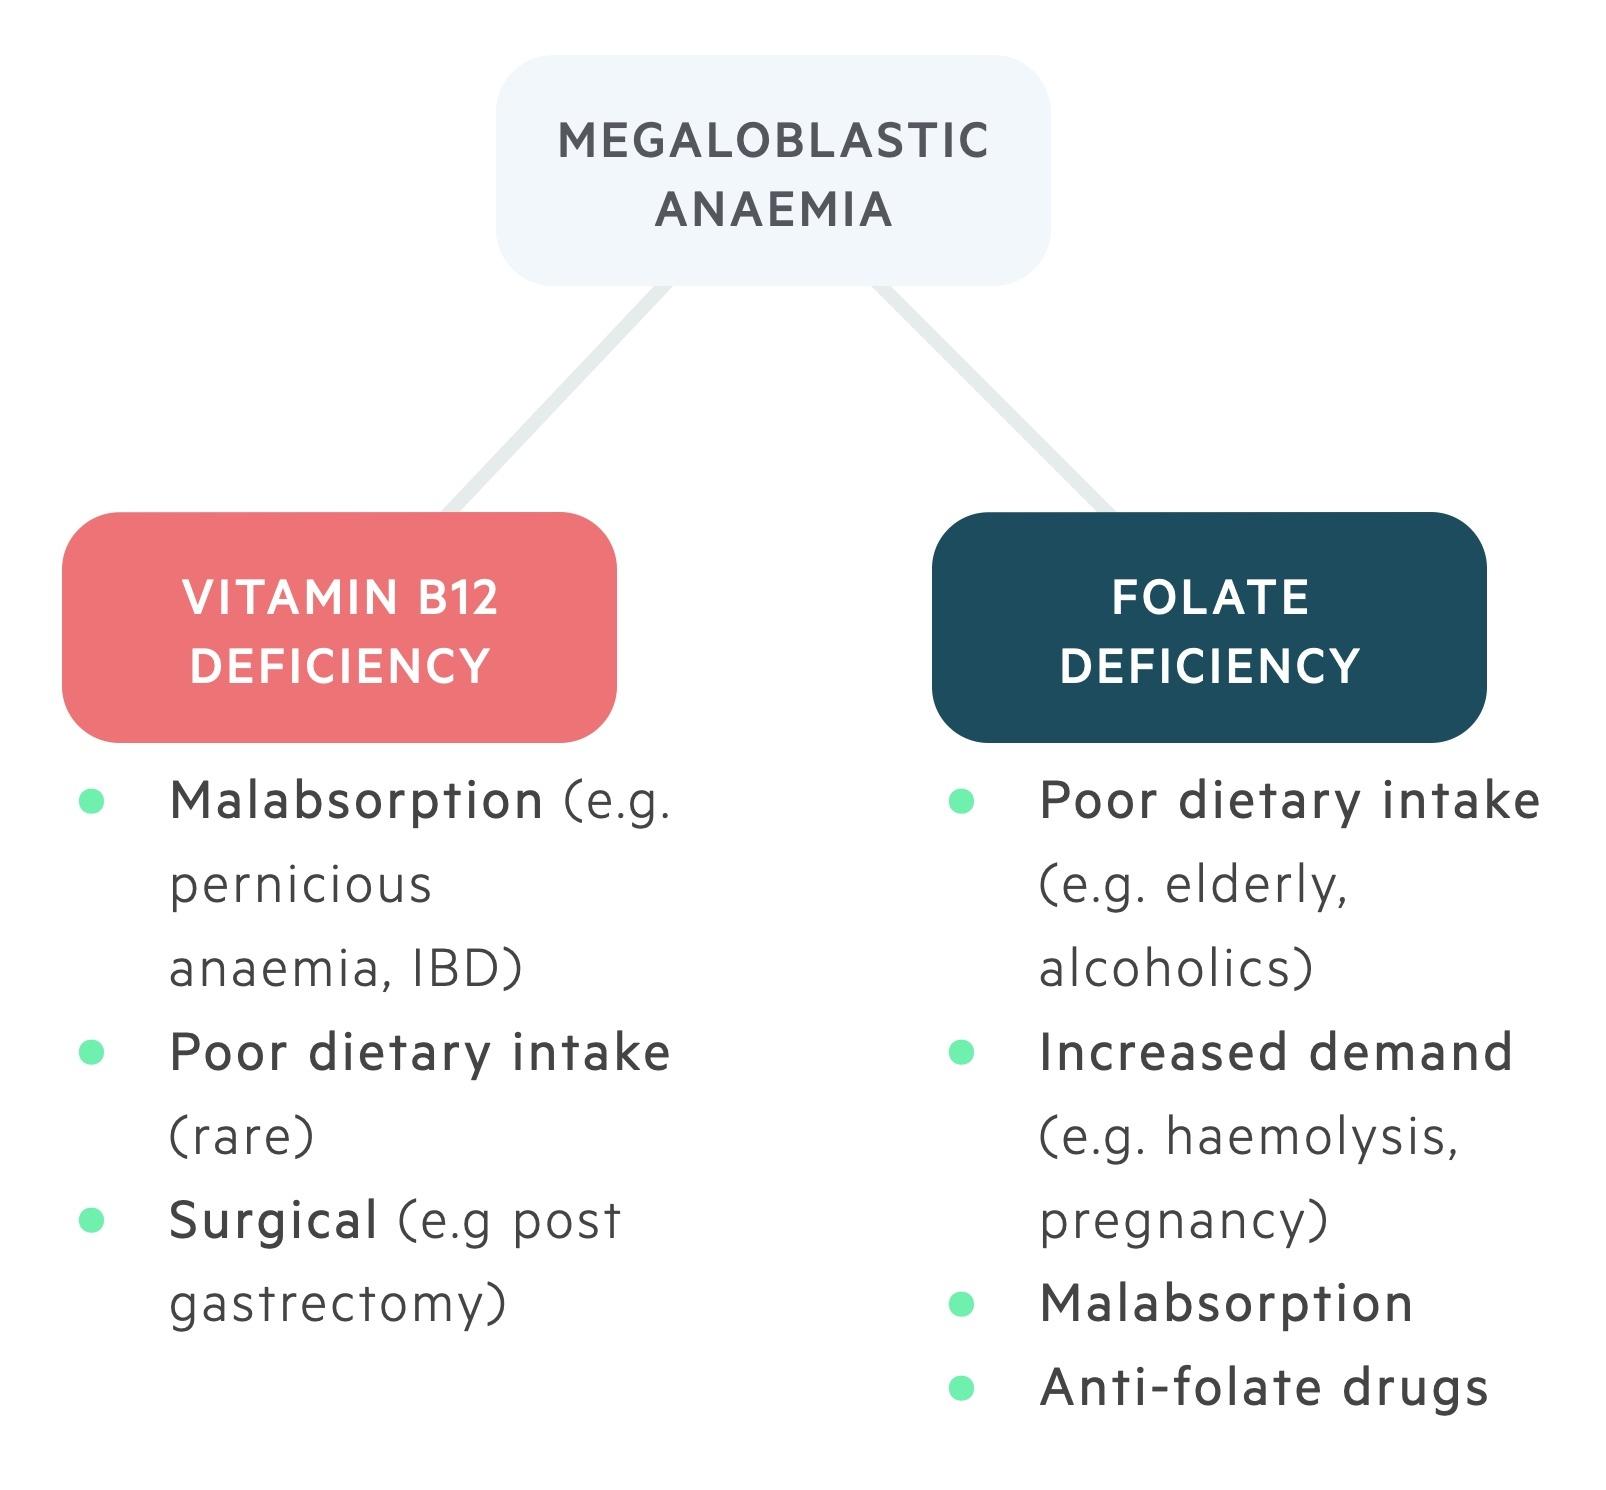 Aetiology of megaloblastic anaemias